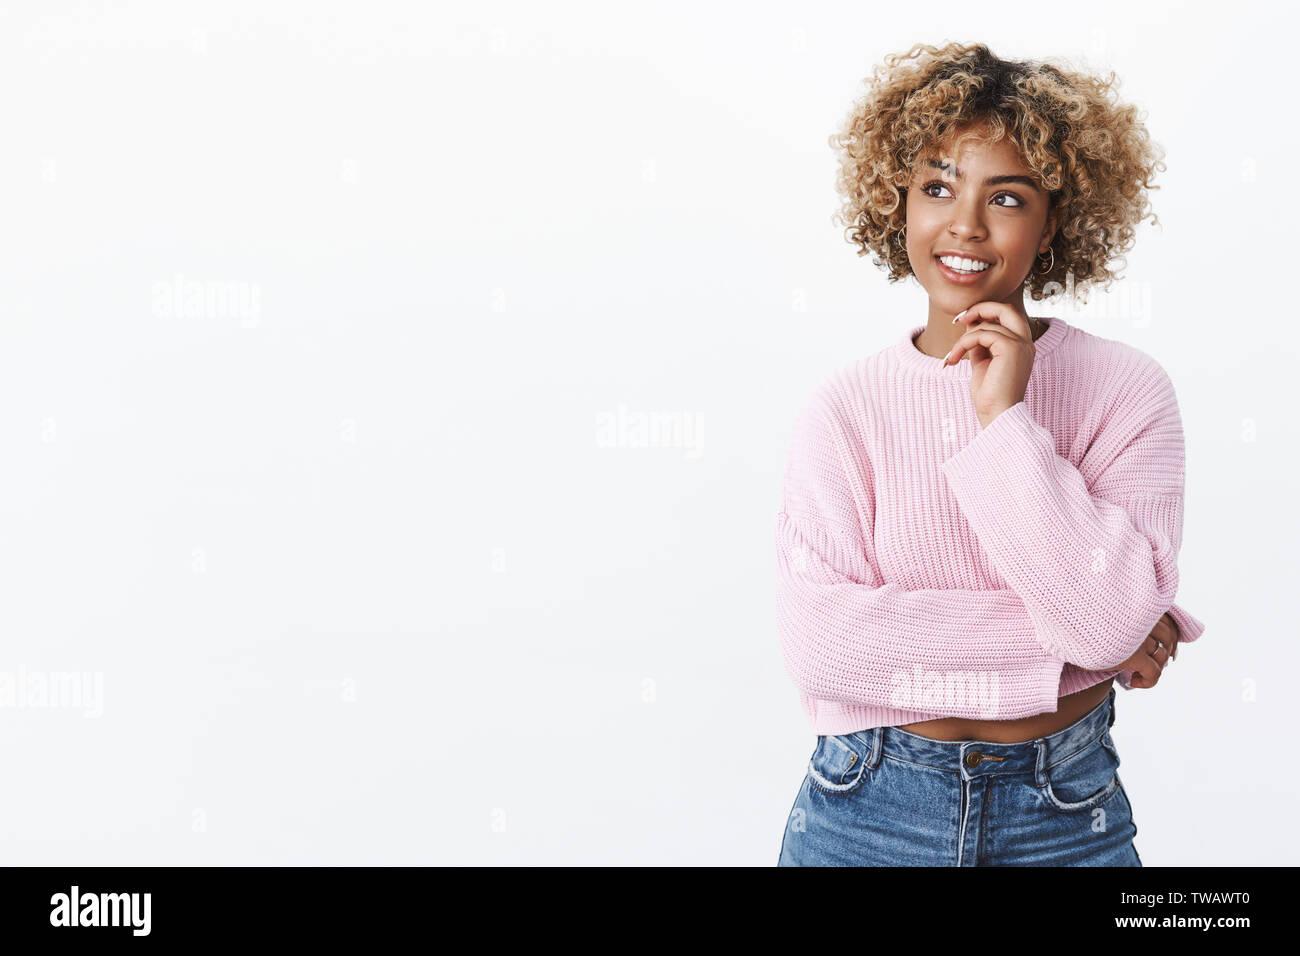 Atractiva joven estudiante afroamericana con cabello rubio sujetando con la mano en el mentón y mirando encantado en la esquina superior izquierda al pensamiento, posando Foto de stock